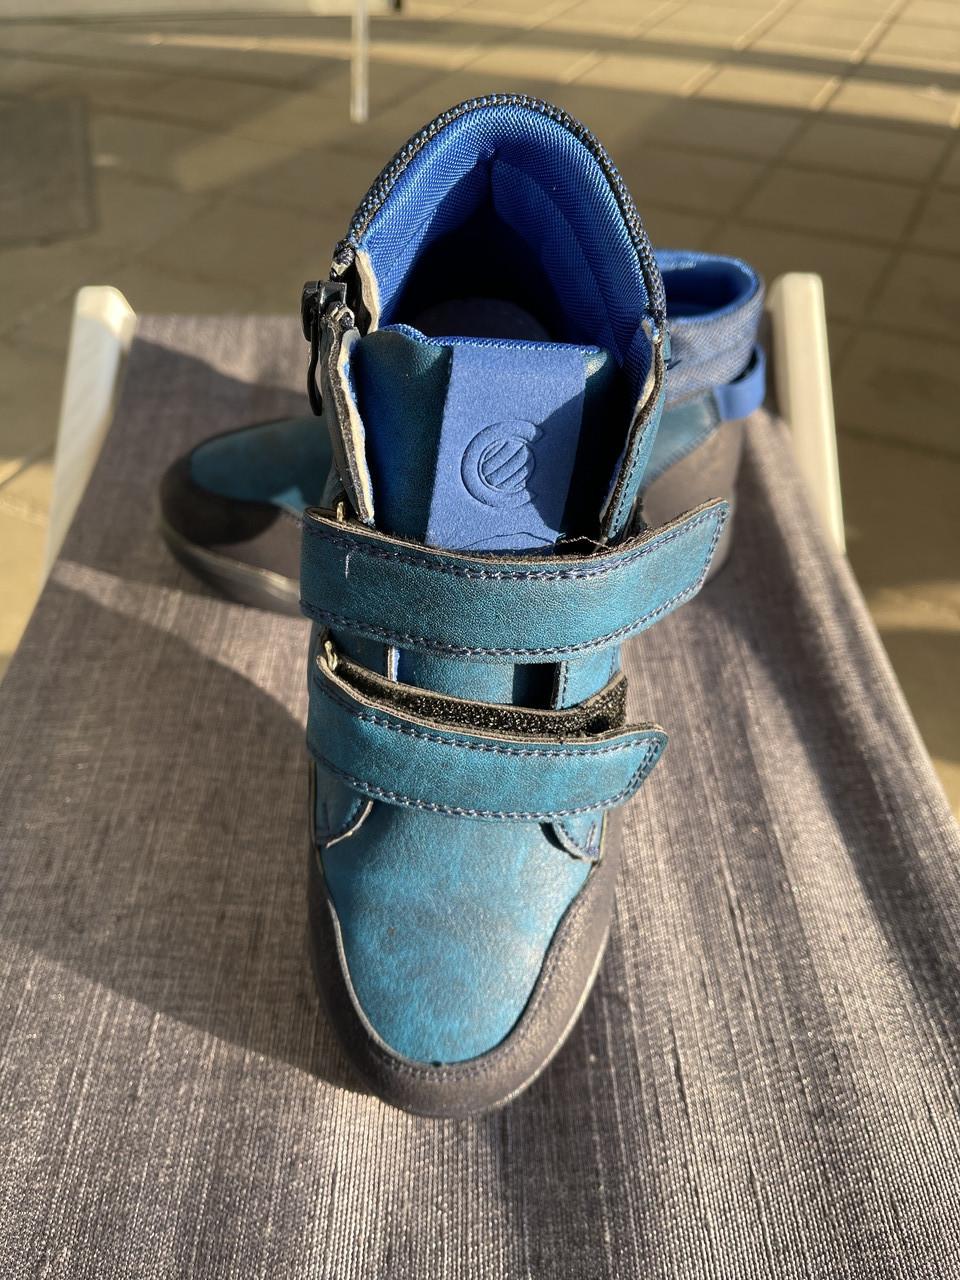 Стильная обув Clibbe 64467 (31-37 розмір)